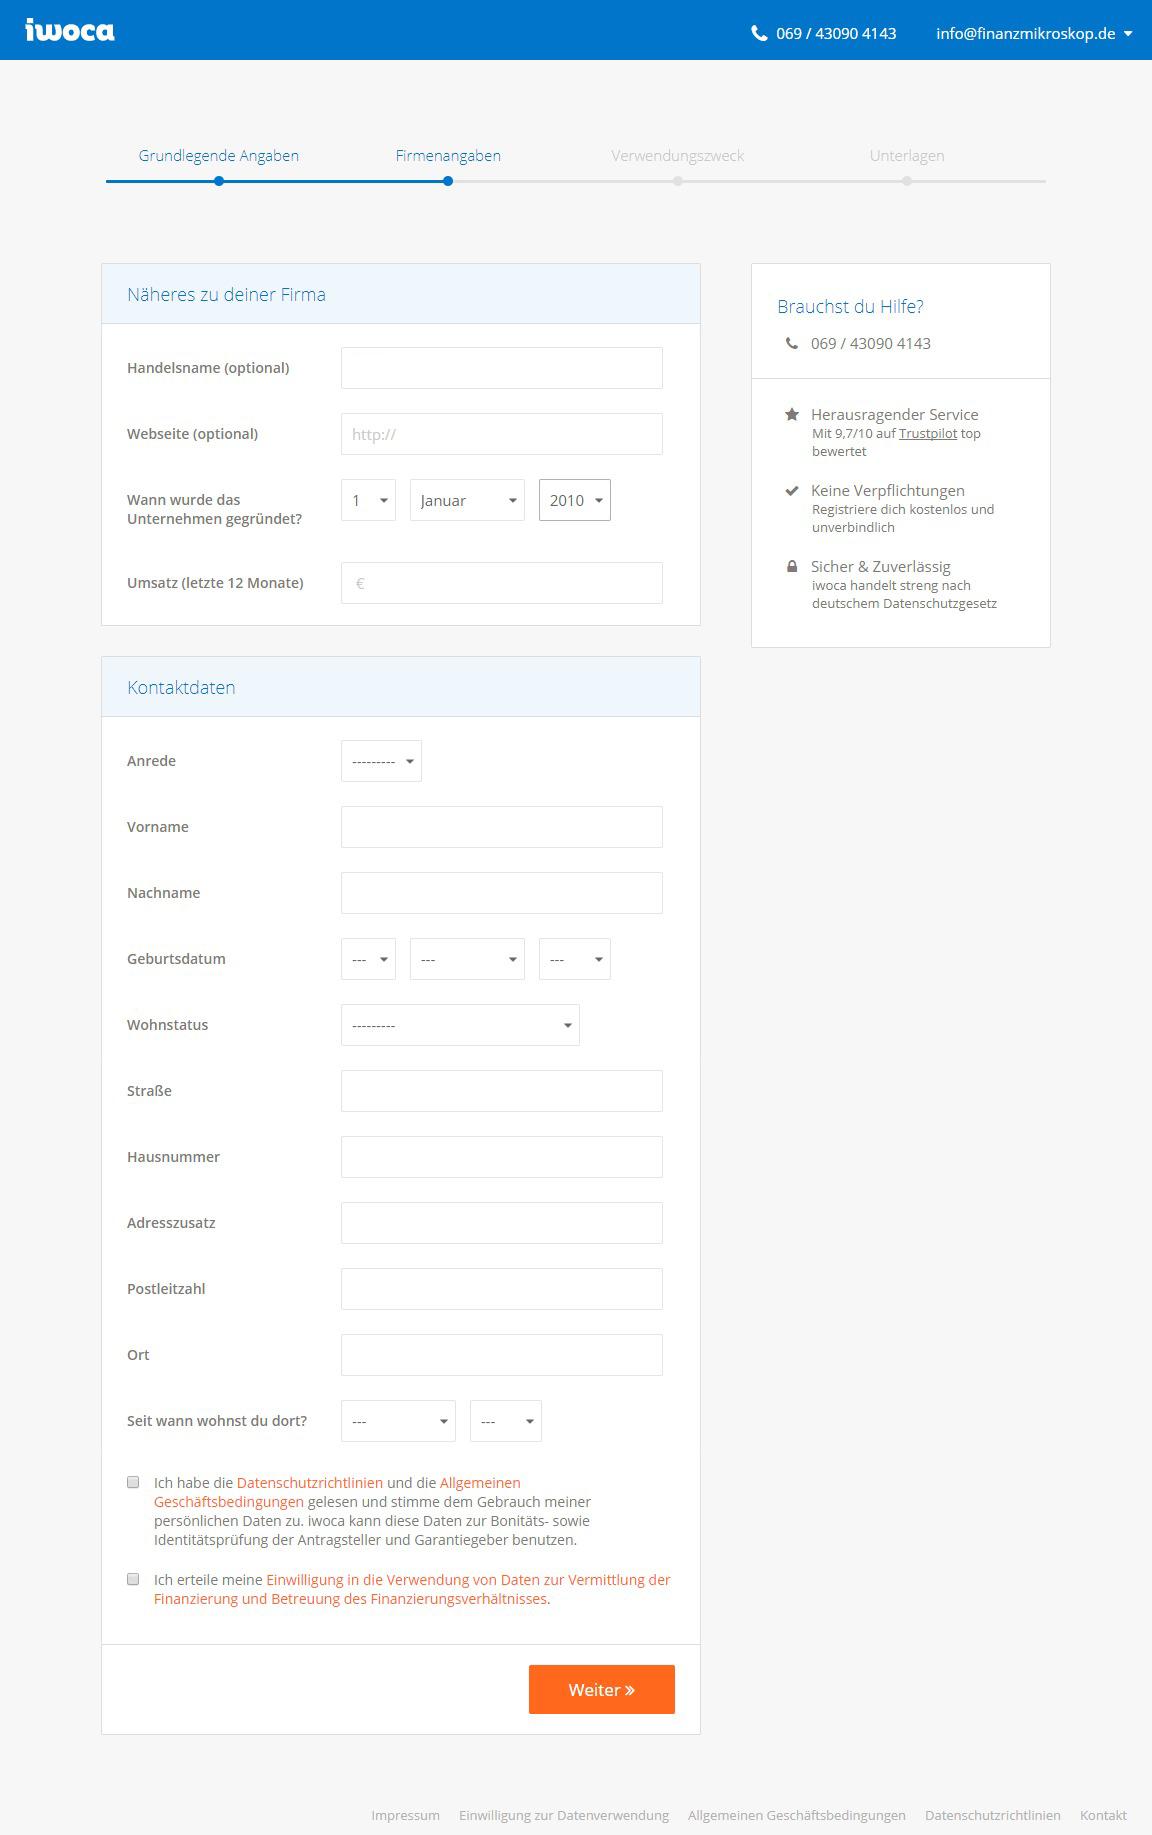 iwoca Kredit für Selbständige - Test und Erfahrungsberichte 08/2018